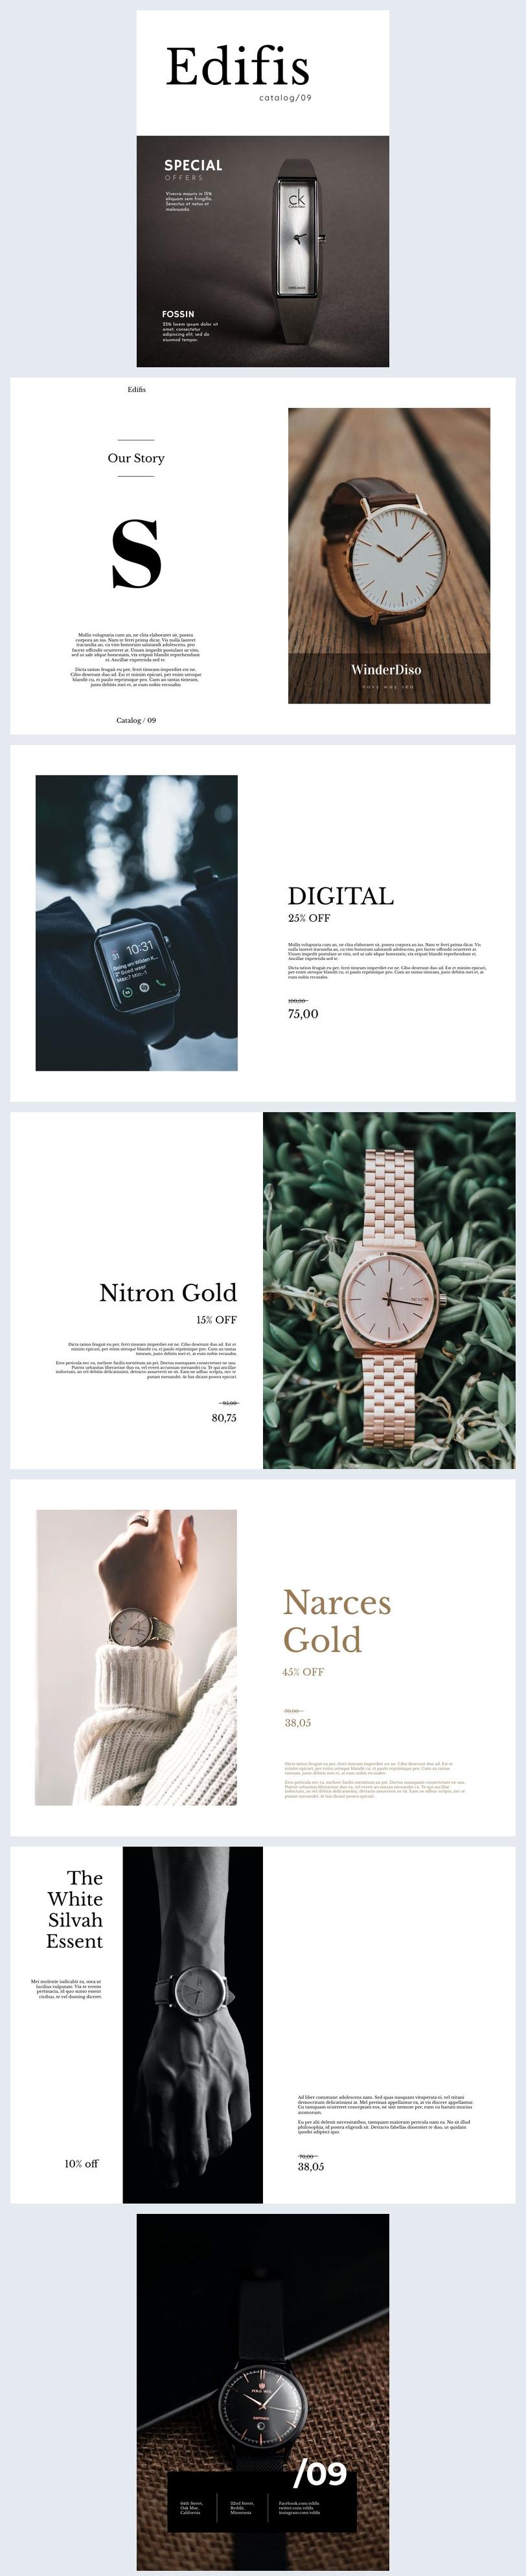 Diseño para catálogo o folleto de relojería